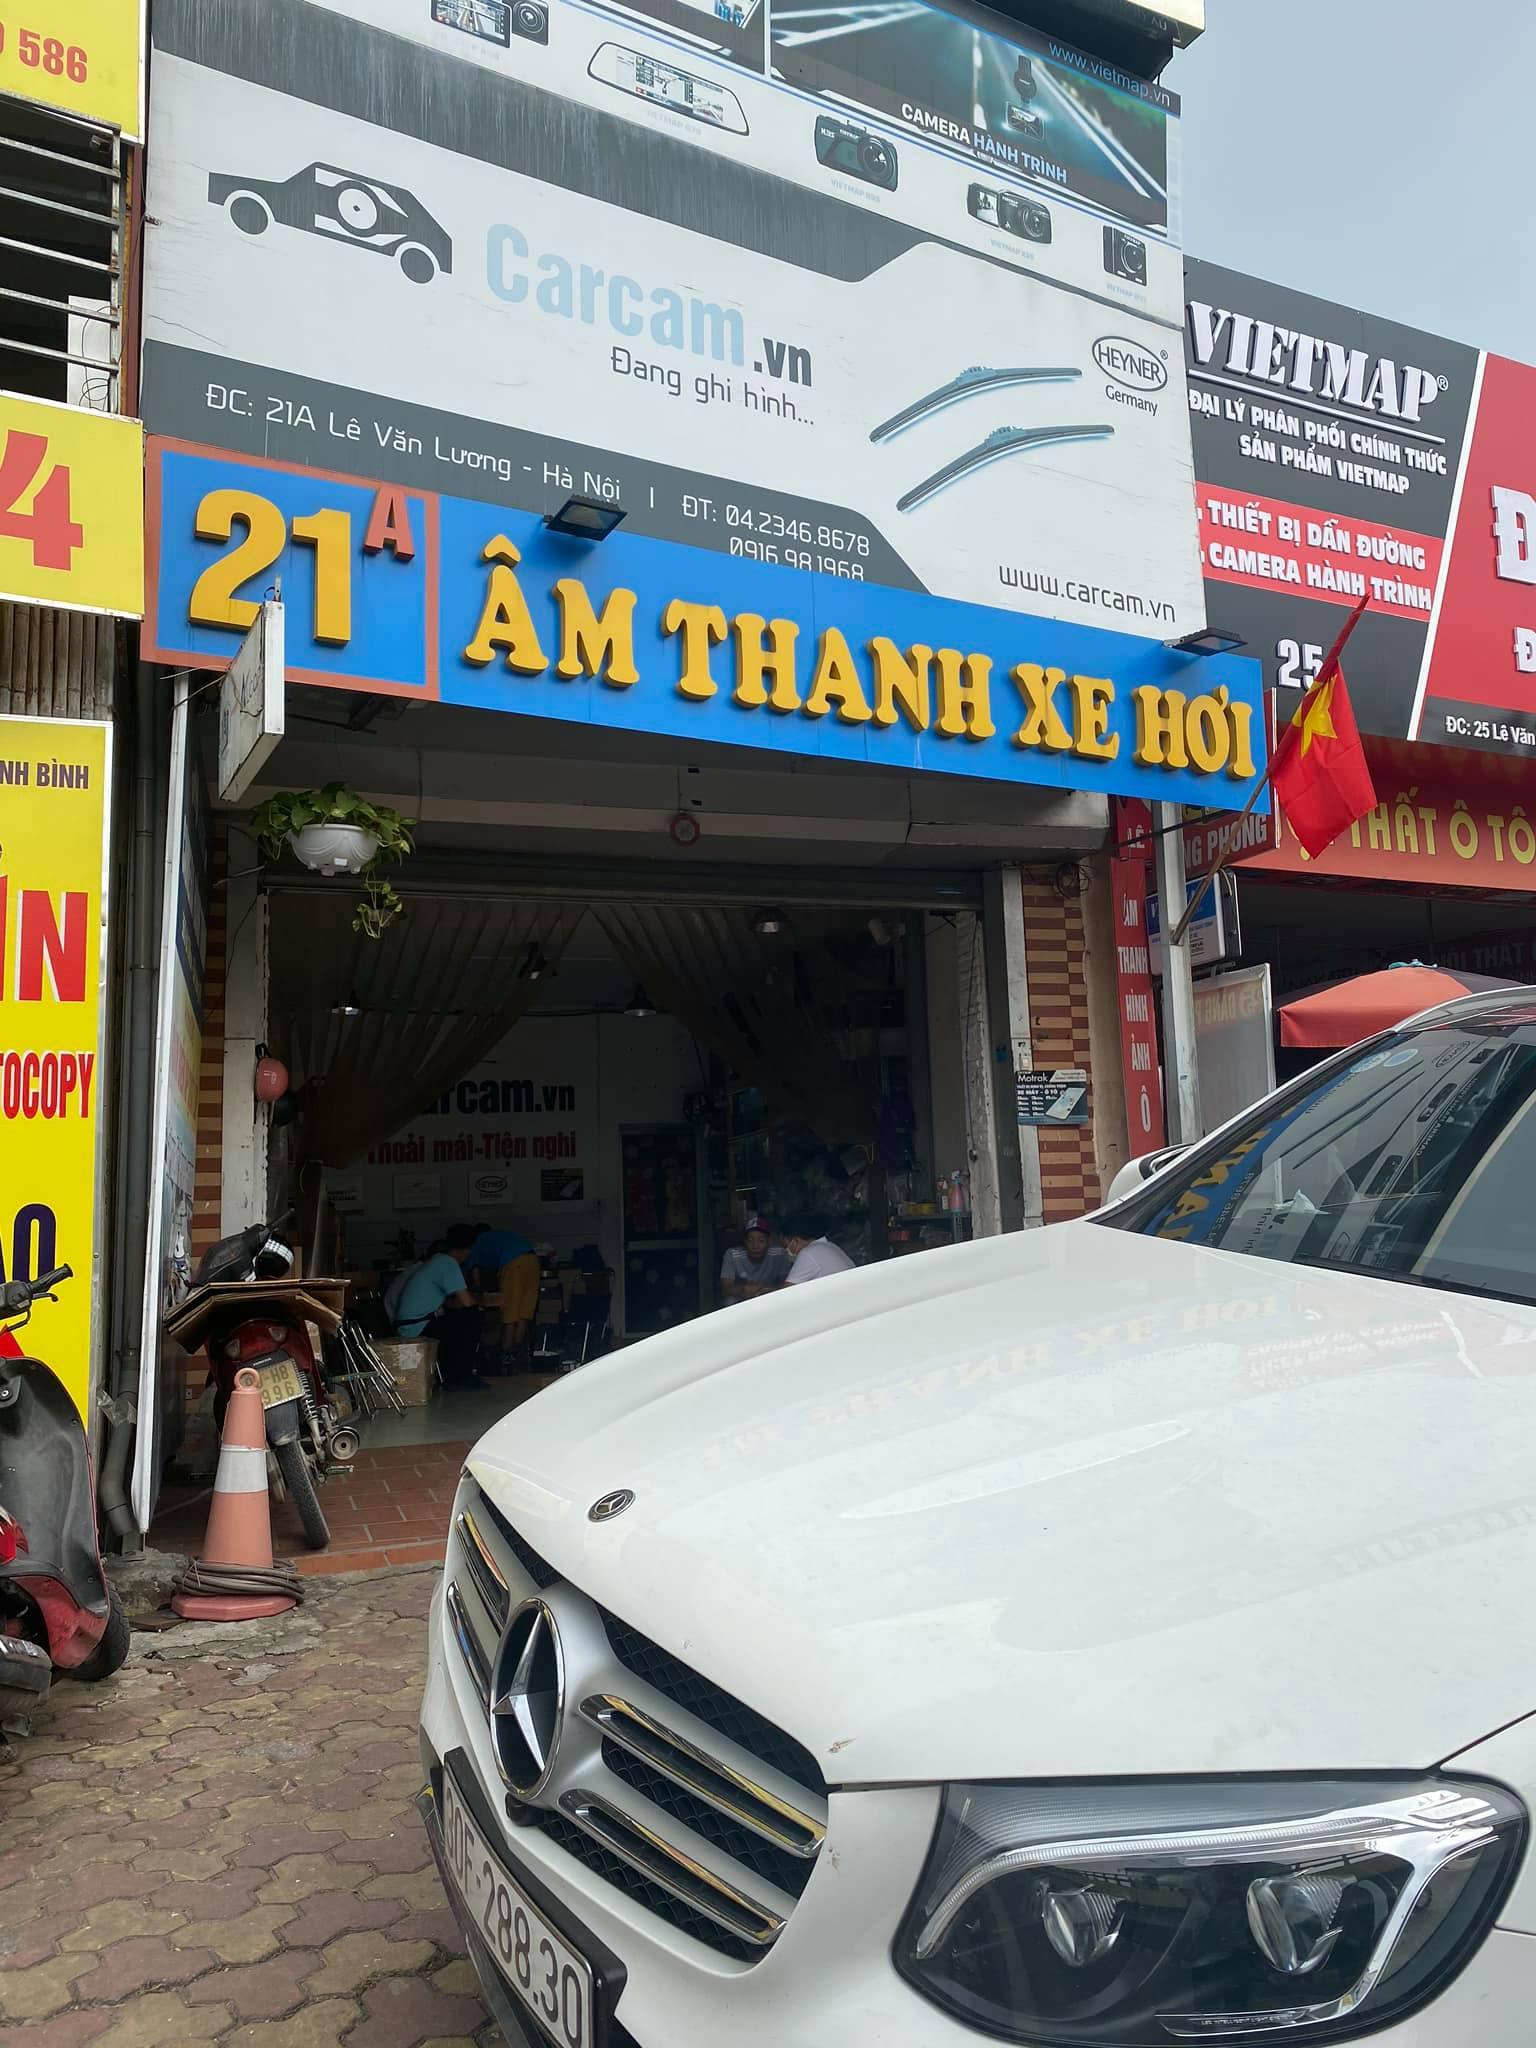 camera hanh trinh W8s doc bien bao toc do